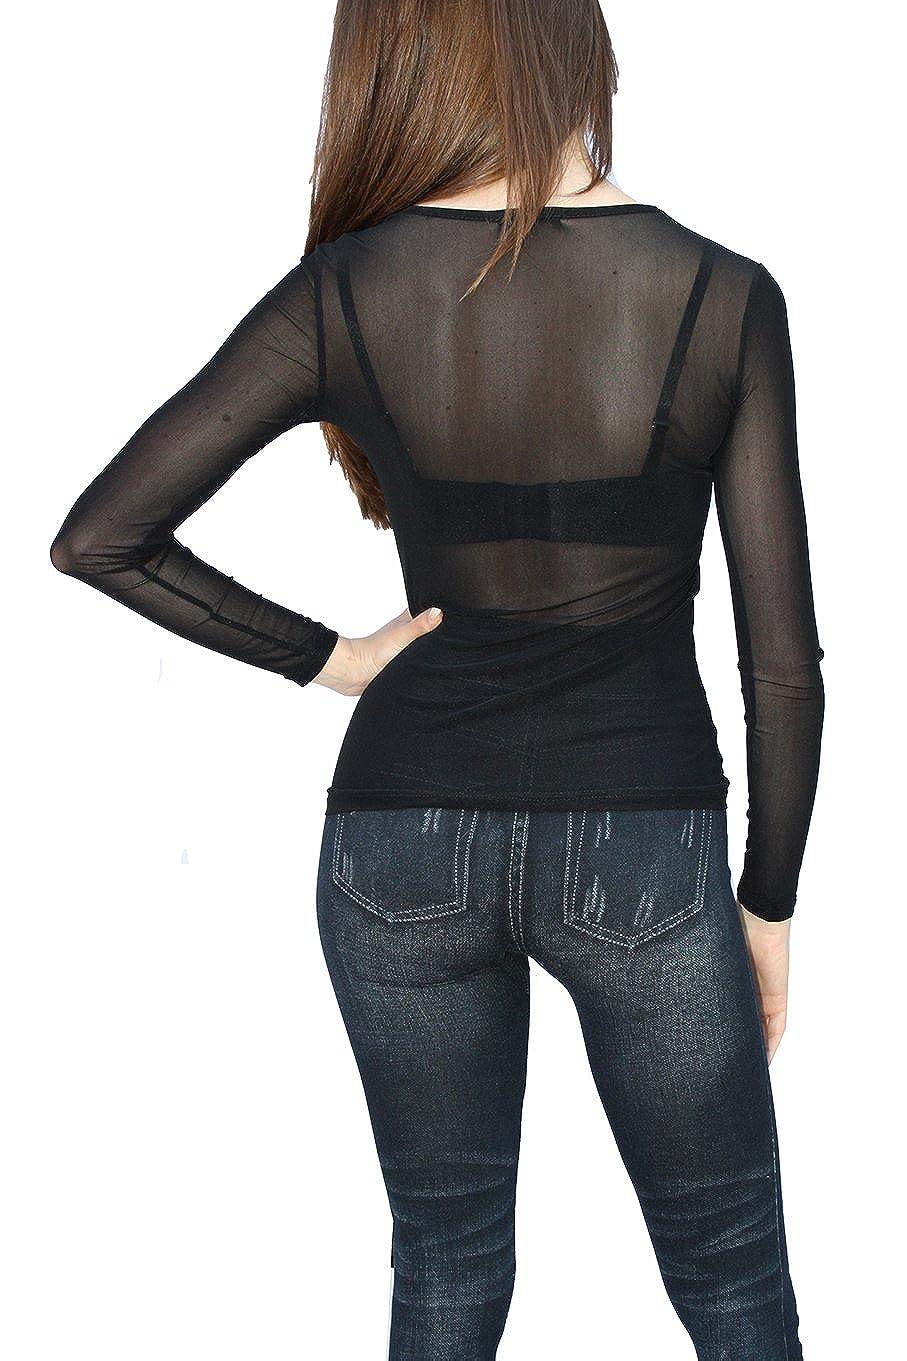 Femme Vintage Transparent Tulle  à manches longues Tunique  forme T-shirt S  M L 1ed7780e718c